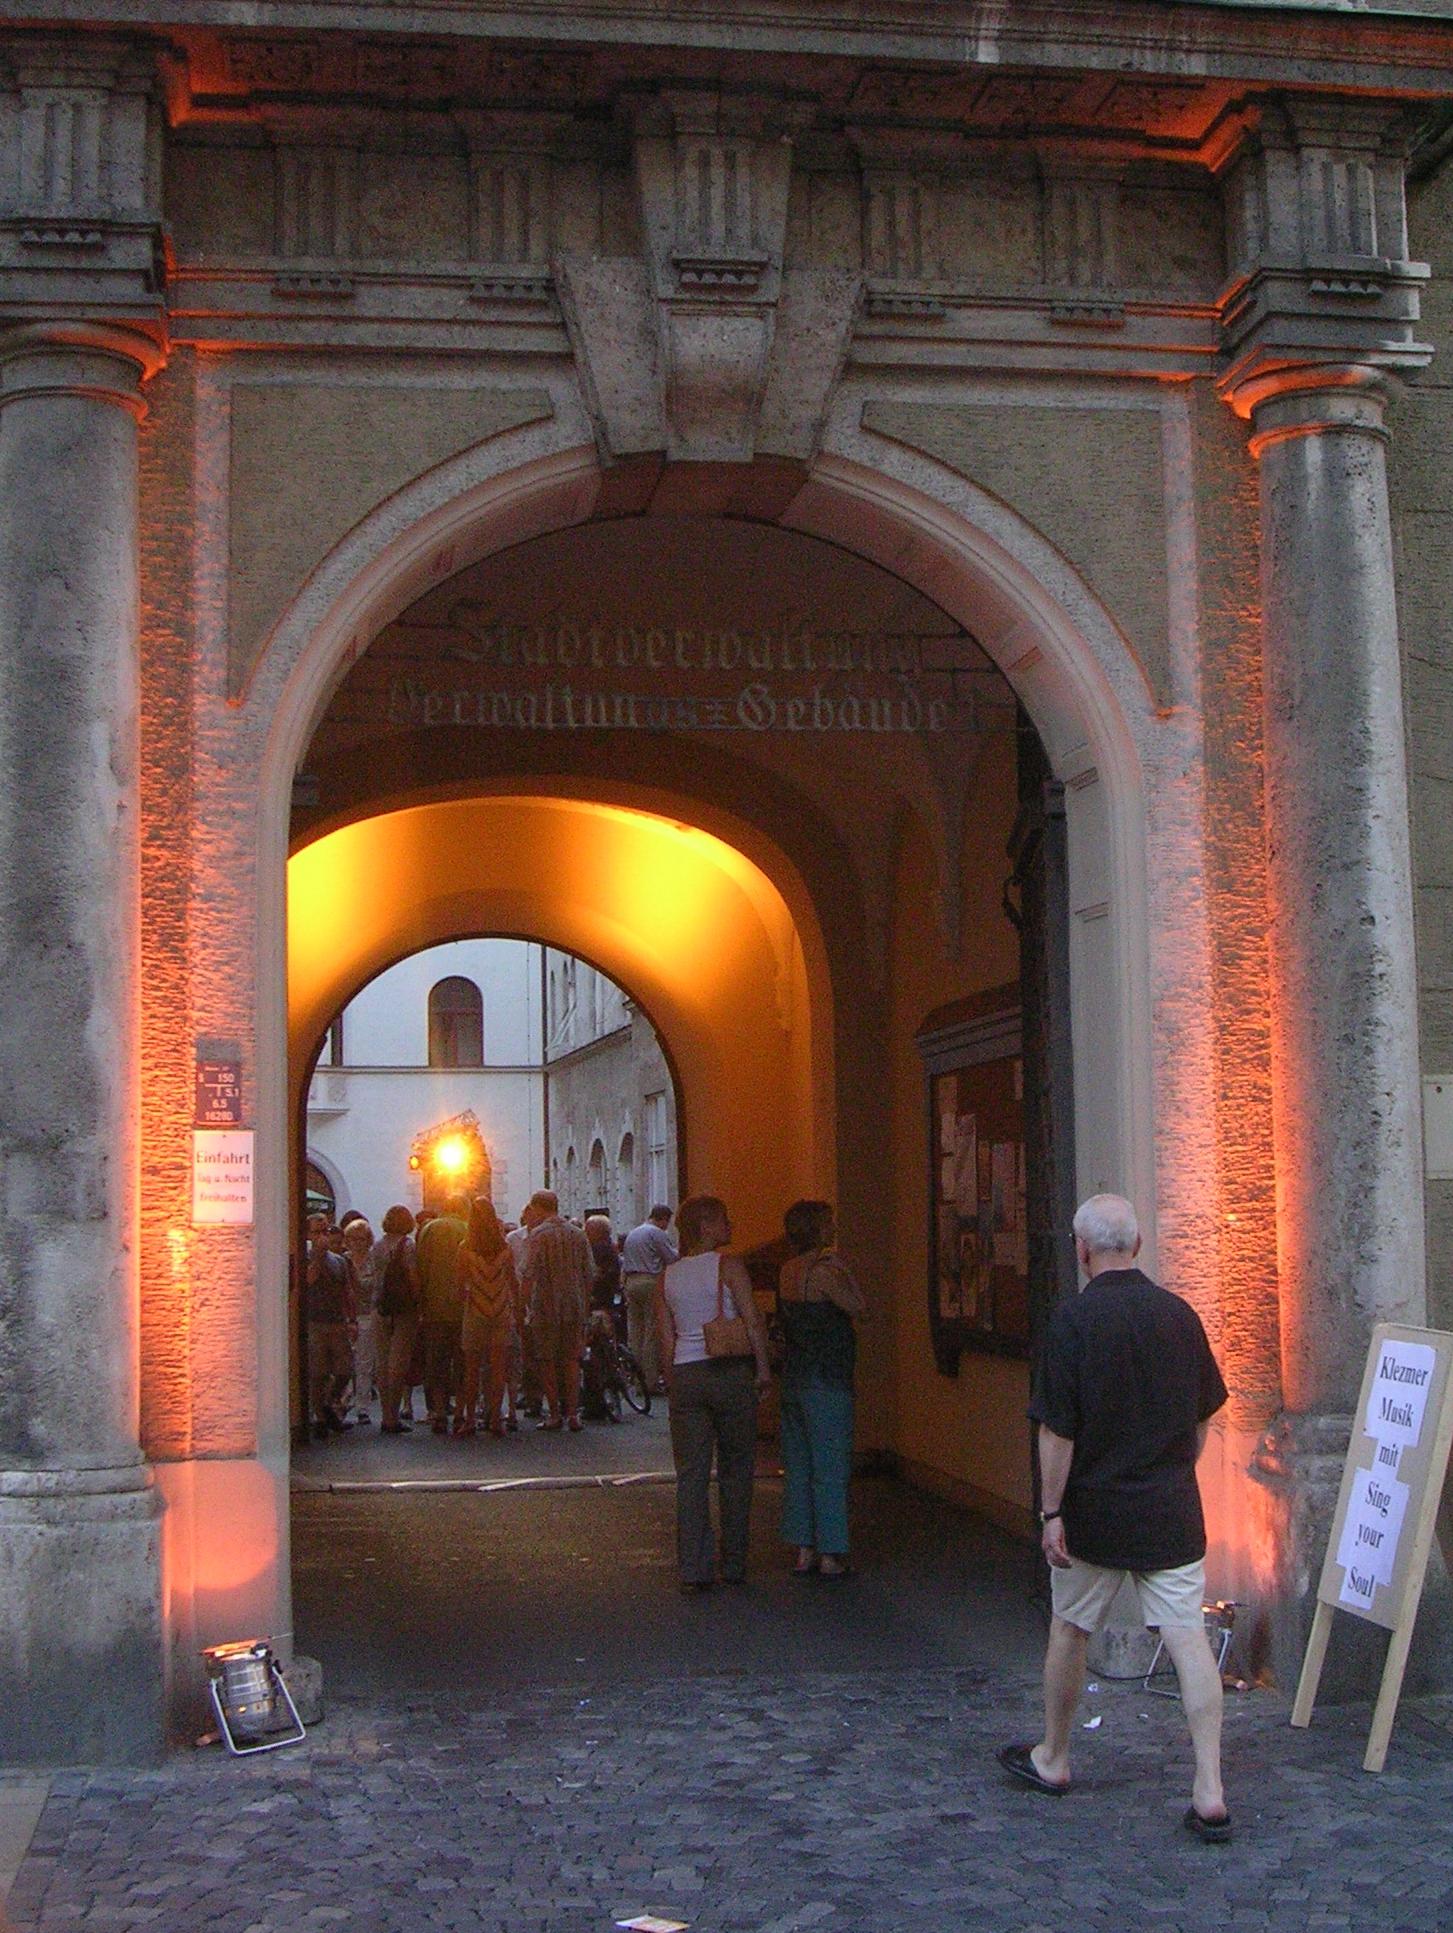 Konzerte im Bürgerhof 2005 - Freiwilligen-Zentrum Augsburg - Foto: Wolfgang F. Lightmaster